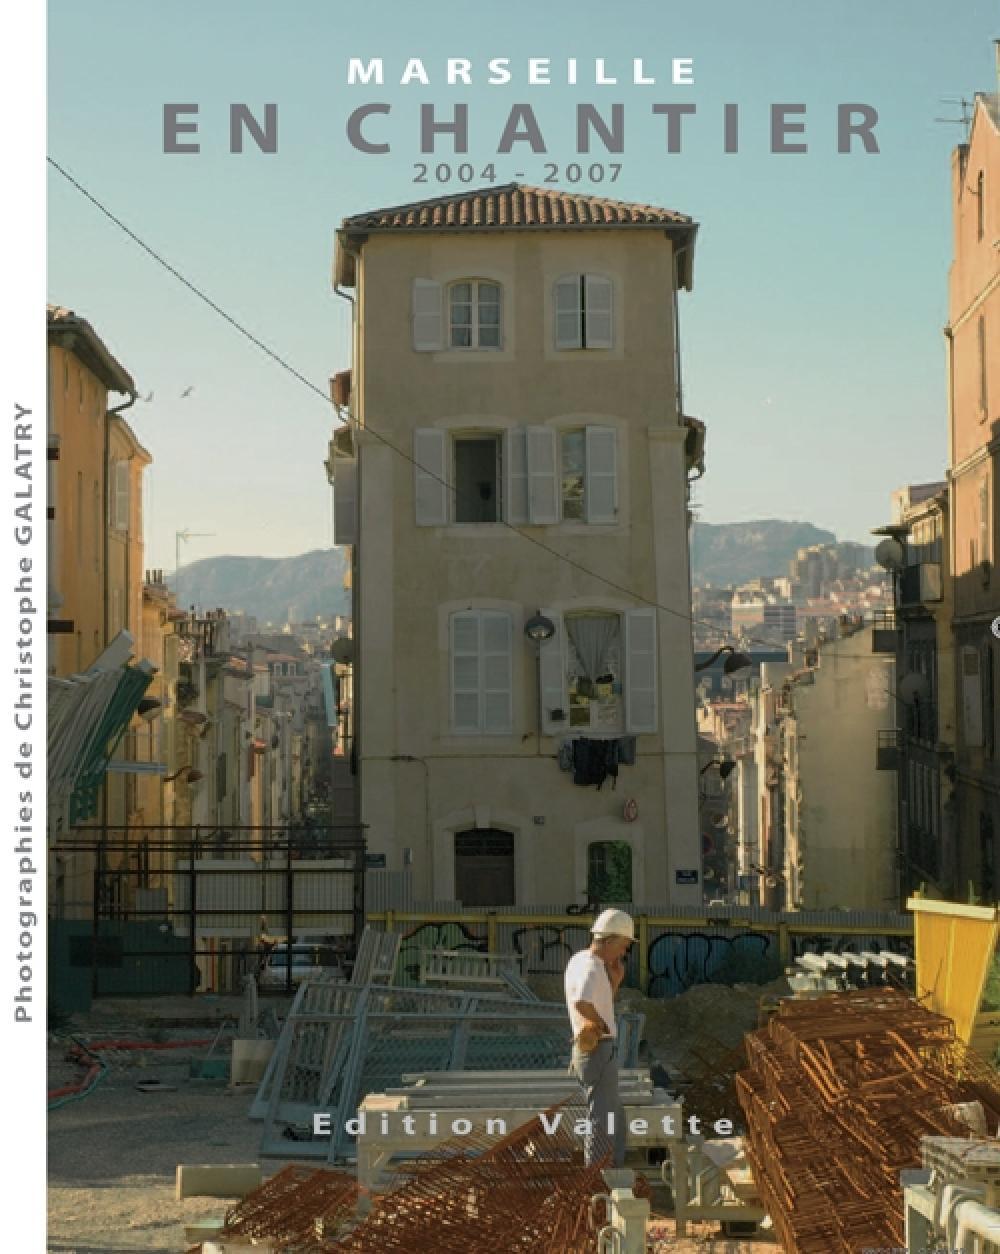 Marseille en chantier